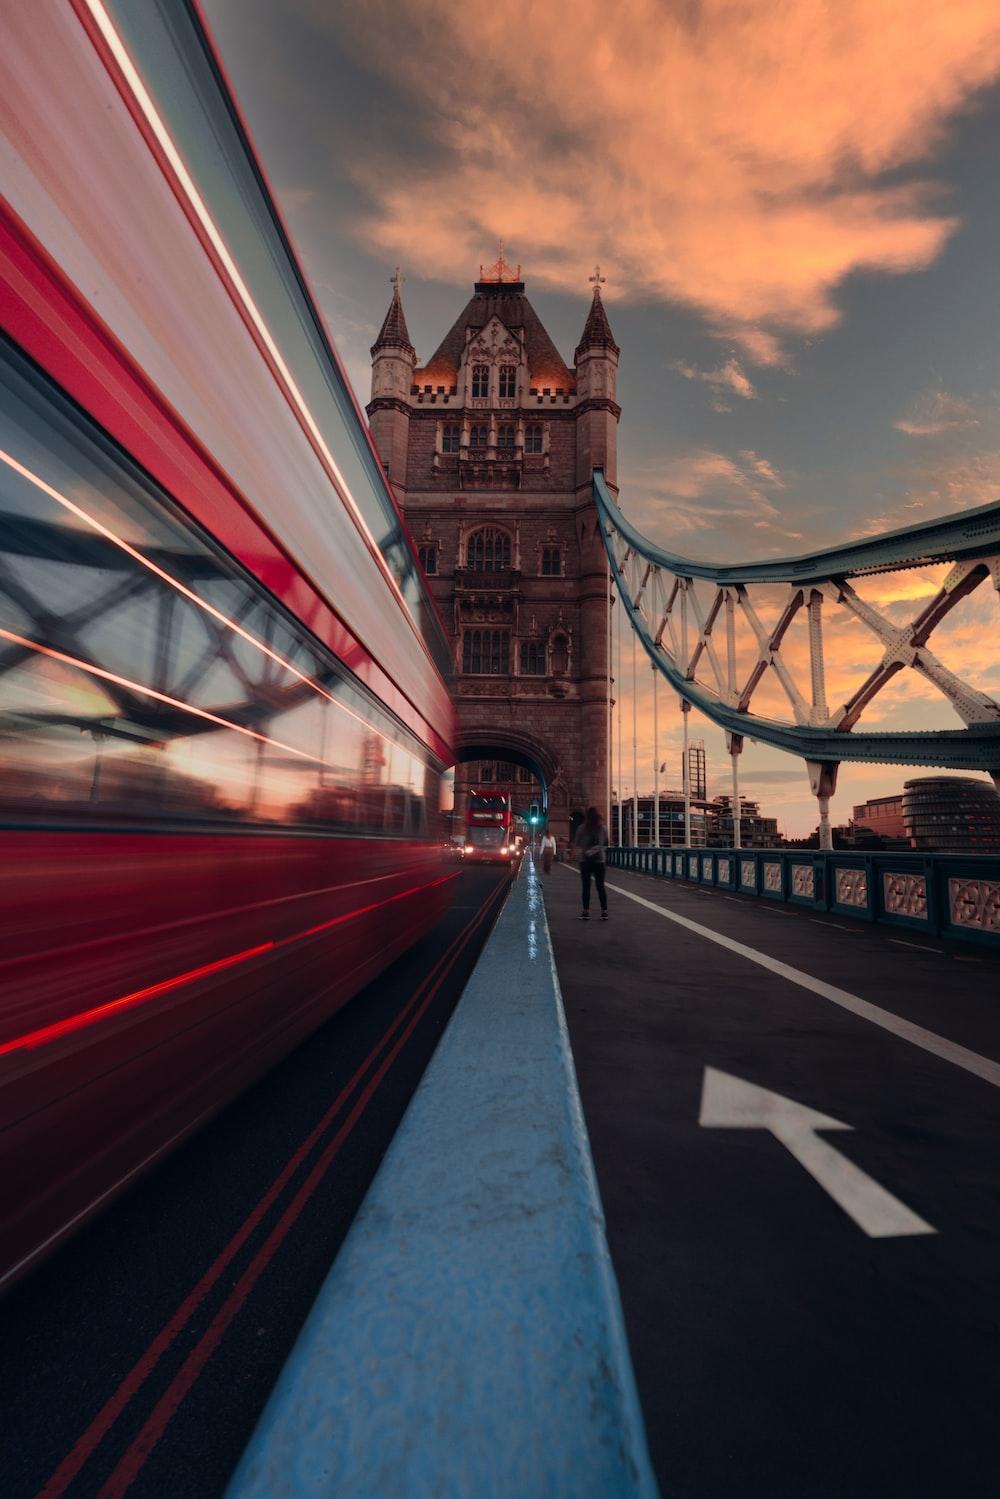 people walking on bridge during night time